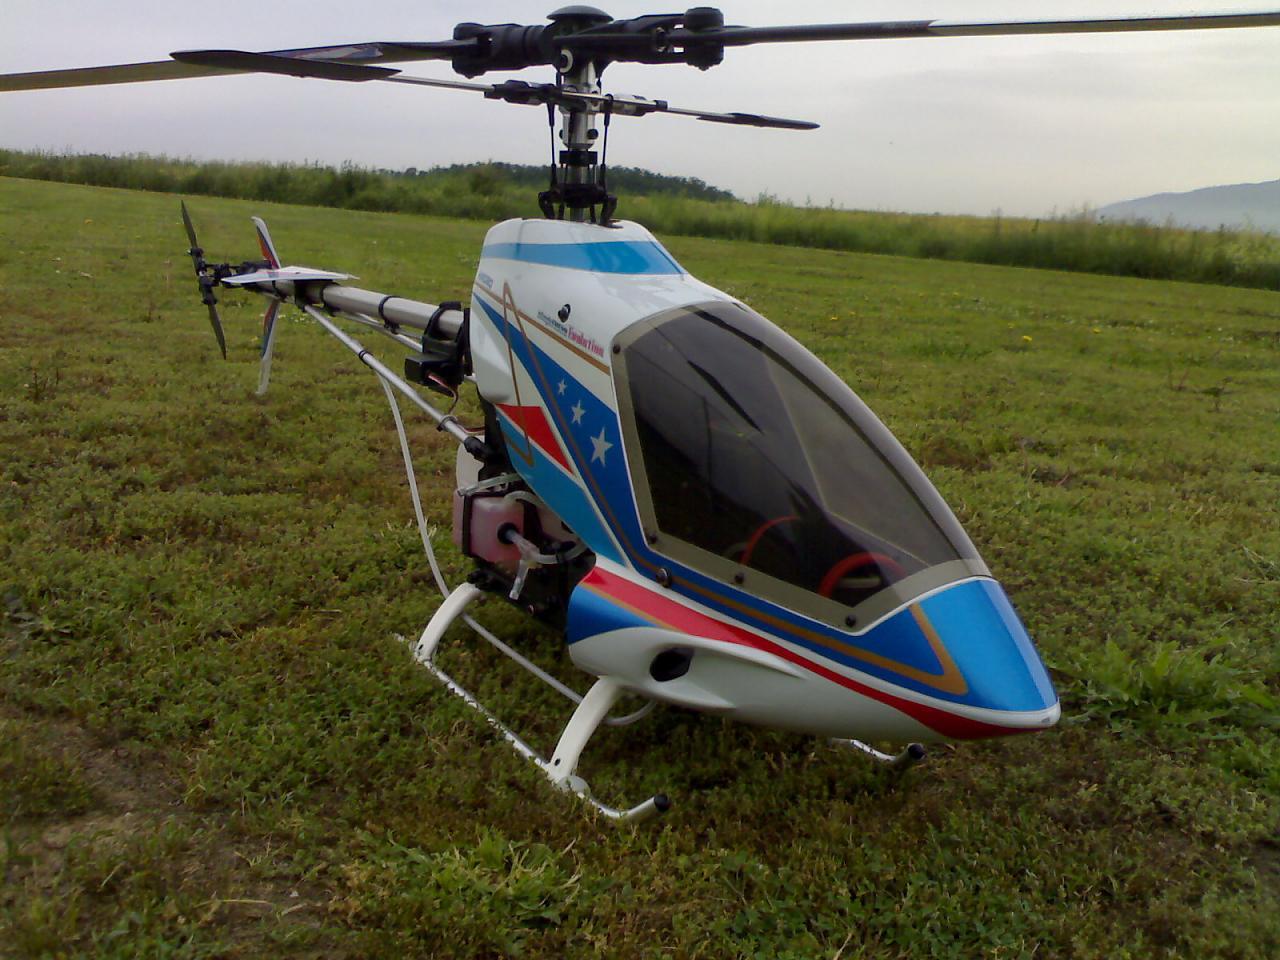 Elicottero 6ch Usato : Valutazione usato hirobo freya baronerosso